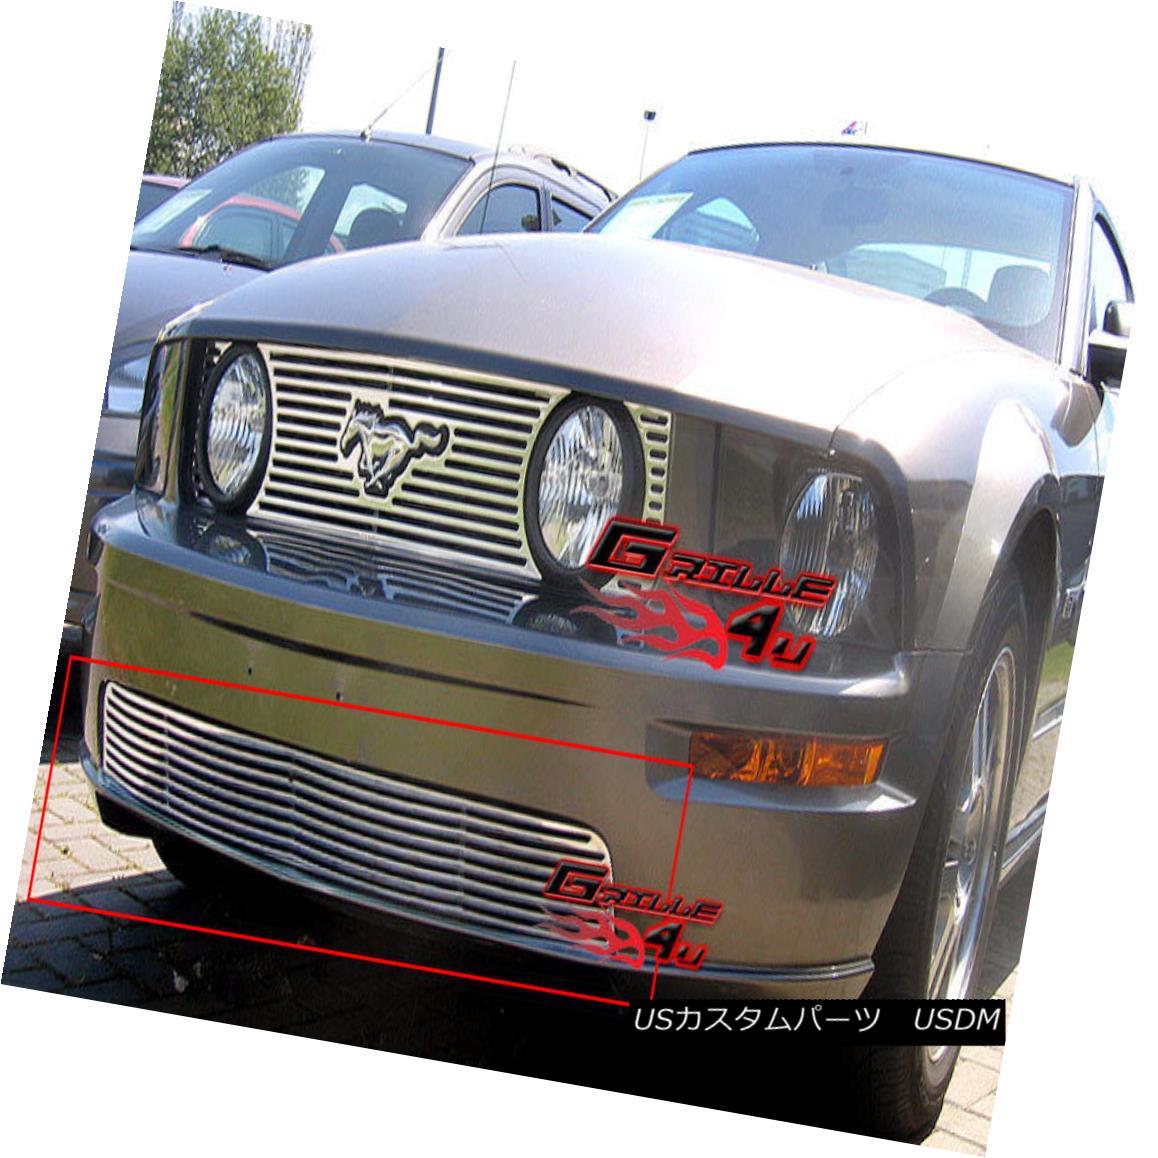 グリル Fits 05-09 Ford Mustang GT V8 Lower Bumper Perimeter Grille Insert フィット05-09 Ford Mustang GT V8ロワーバンパーペリメーターグリルインサート